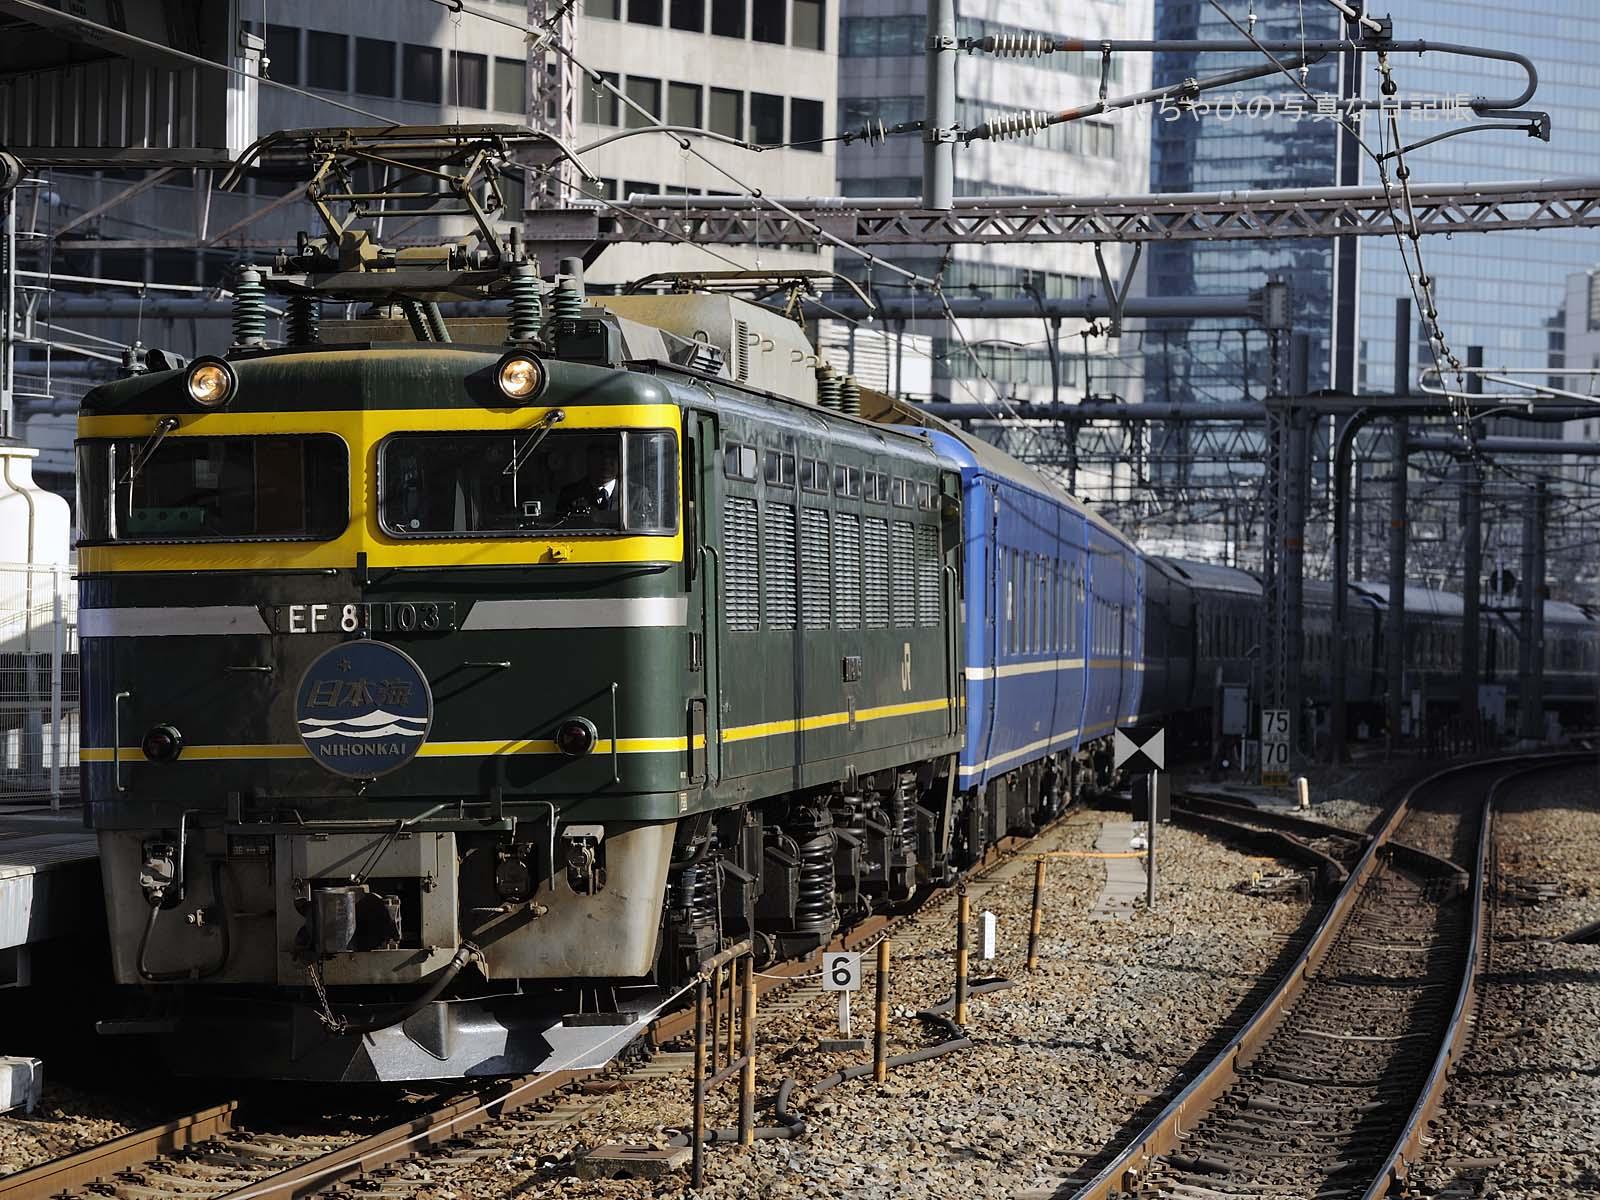 EF81 103号機